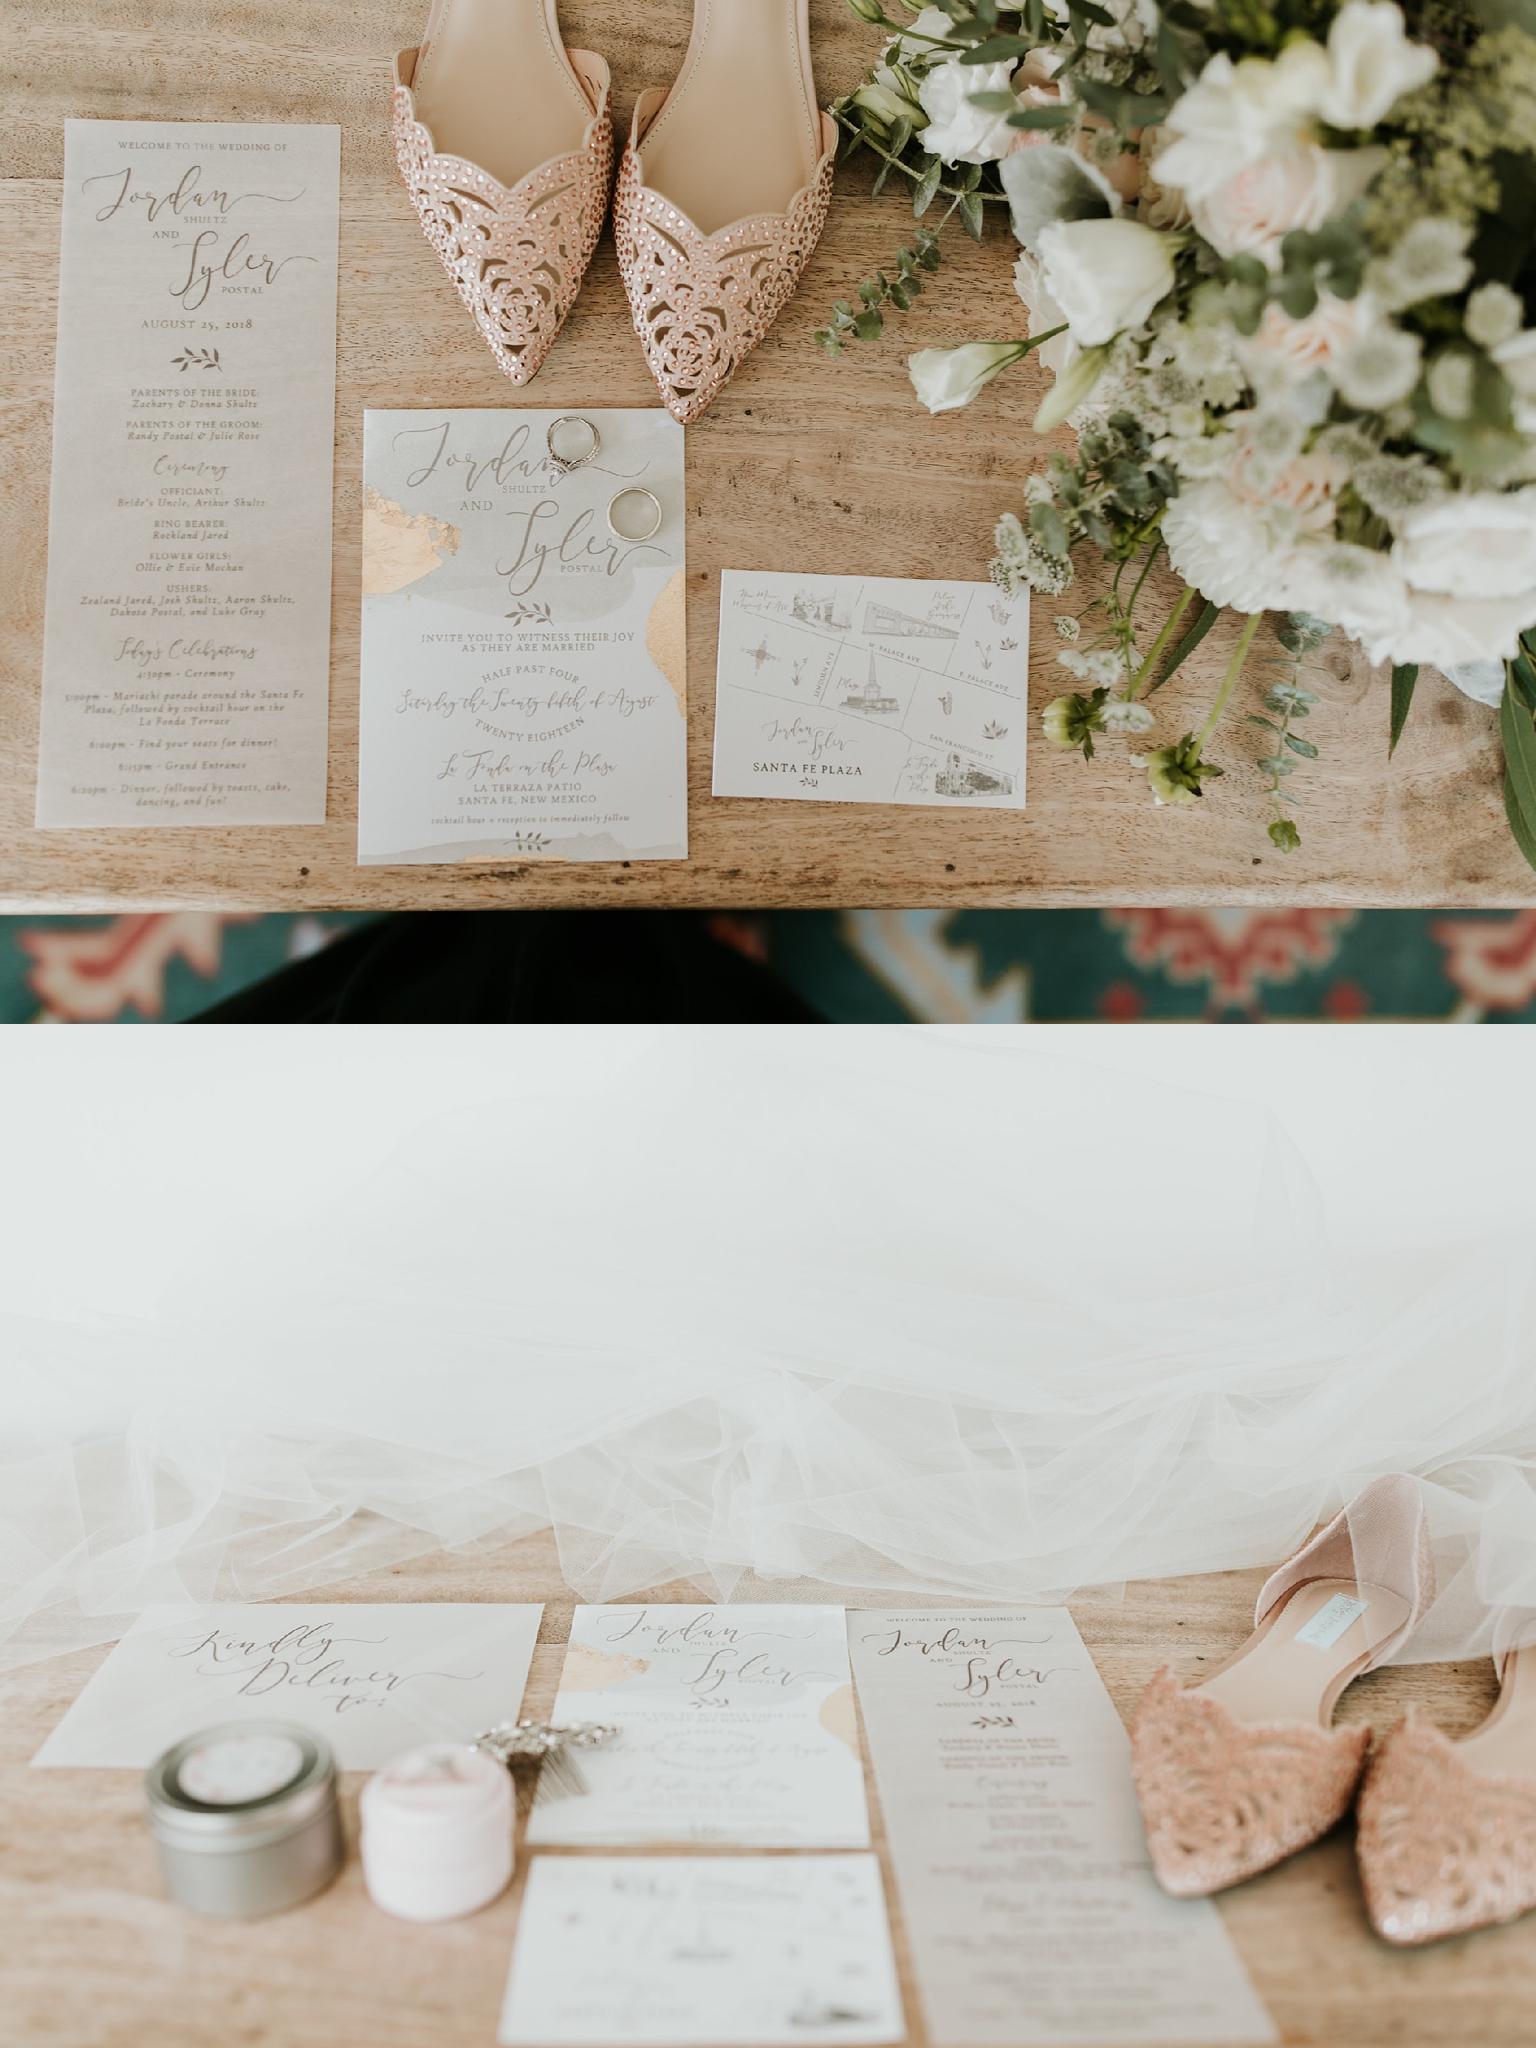 Alicia+lucia+photography+-+albuquerque+wedding+photographer+-+santa+fe+wedding+photography+-+new+mexico+wedding+photographer+-+new+mexico+wedding+-+wedding+invitations+-+invitation+suite+-+wedding+inspo_0028.jpg